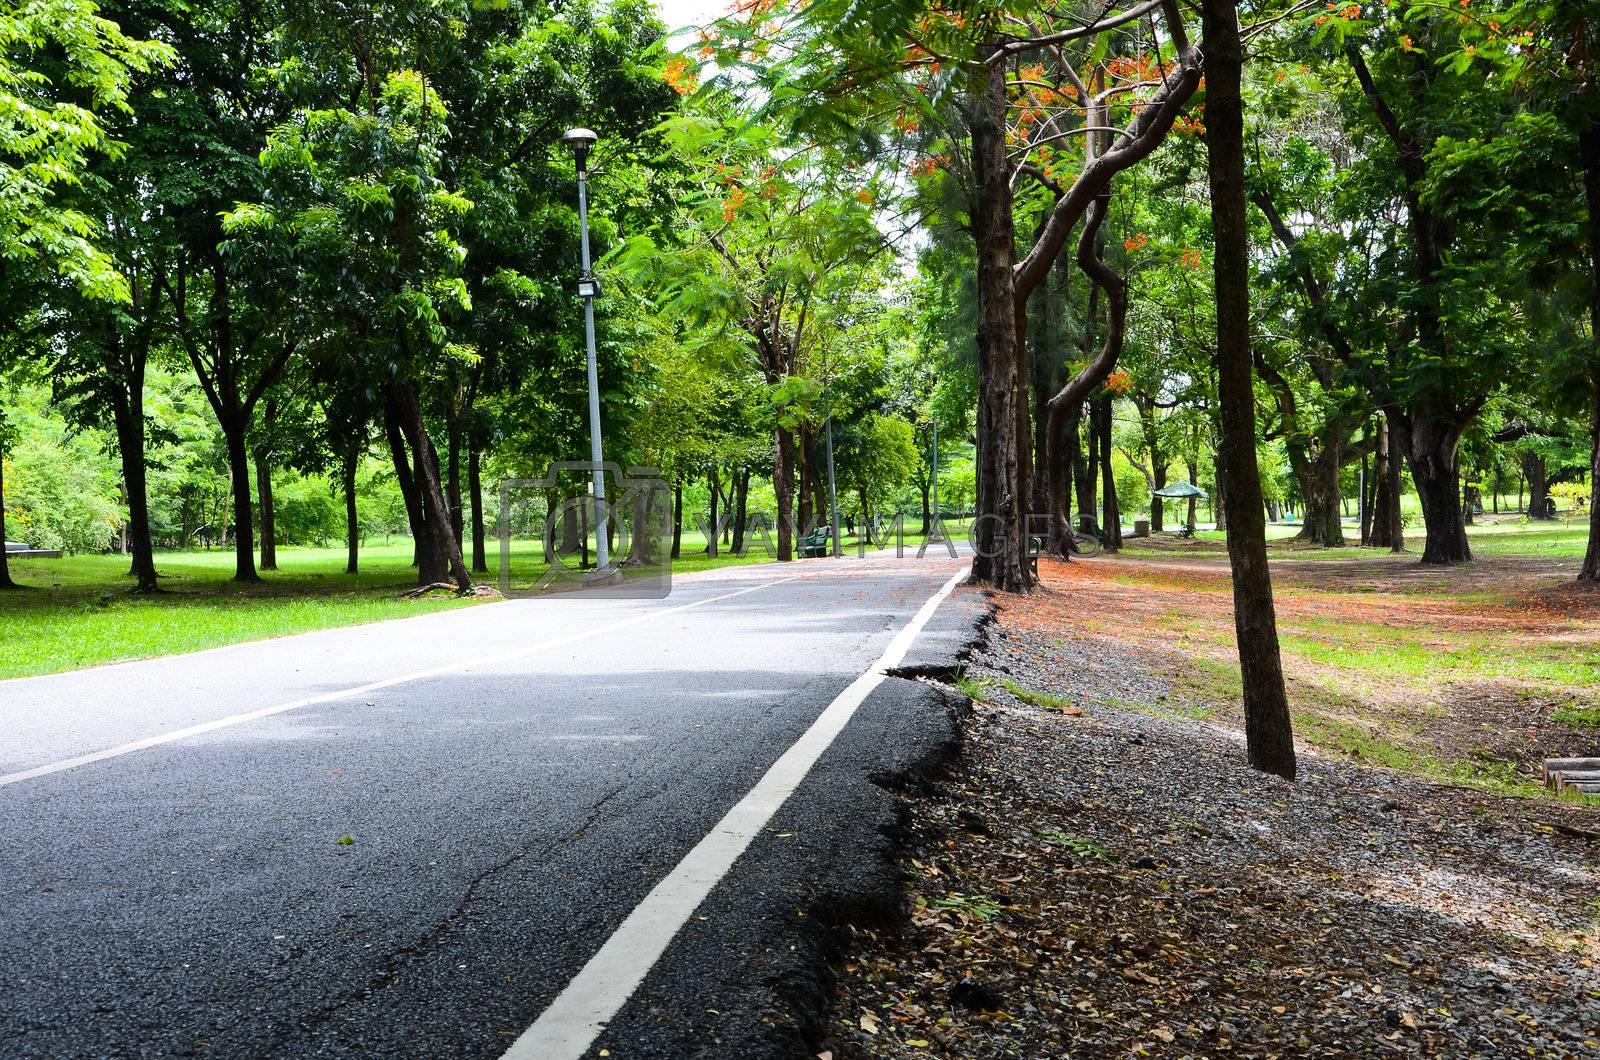 Green city park at Bangkok of Thailand.